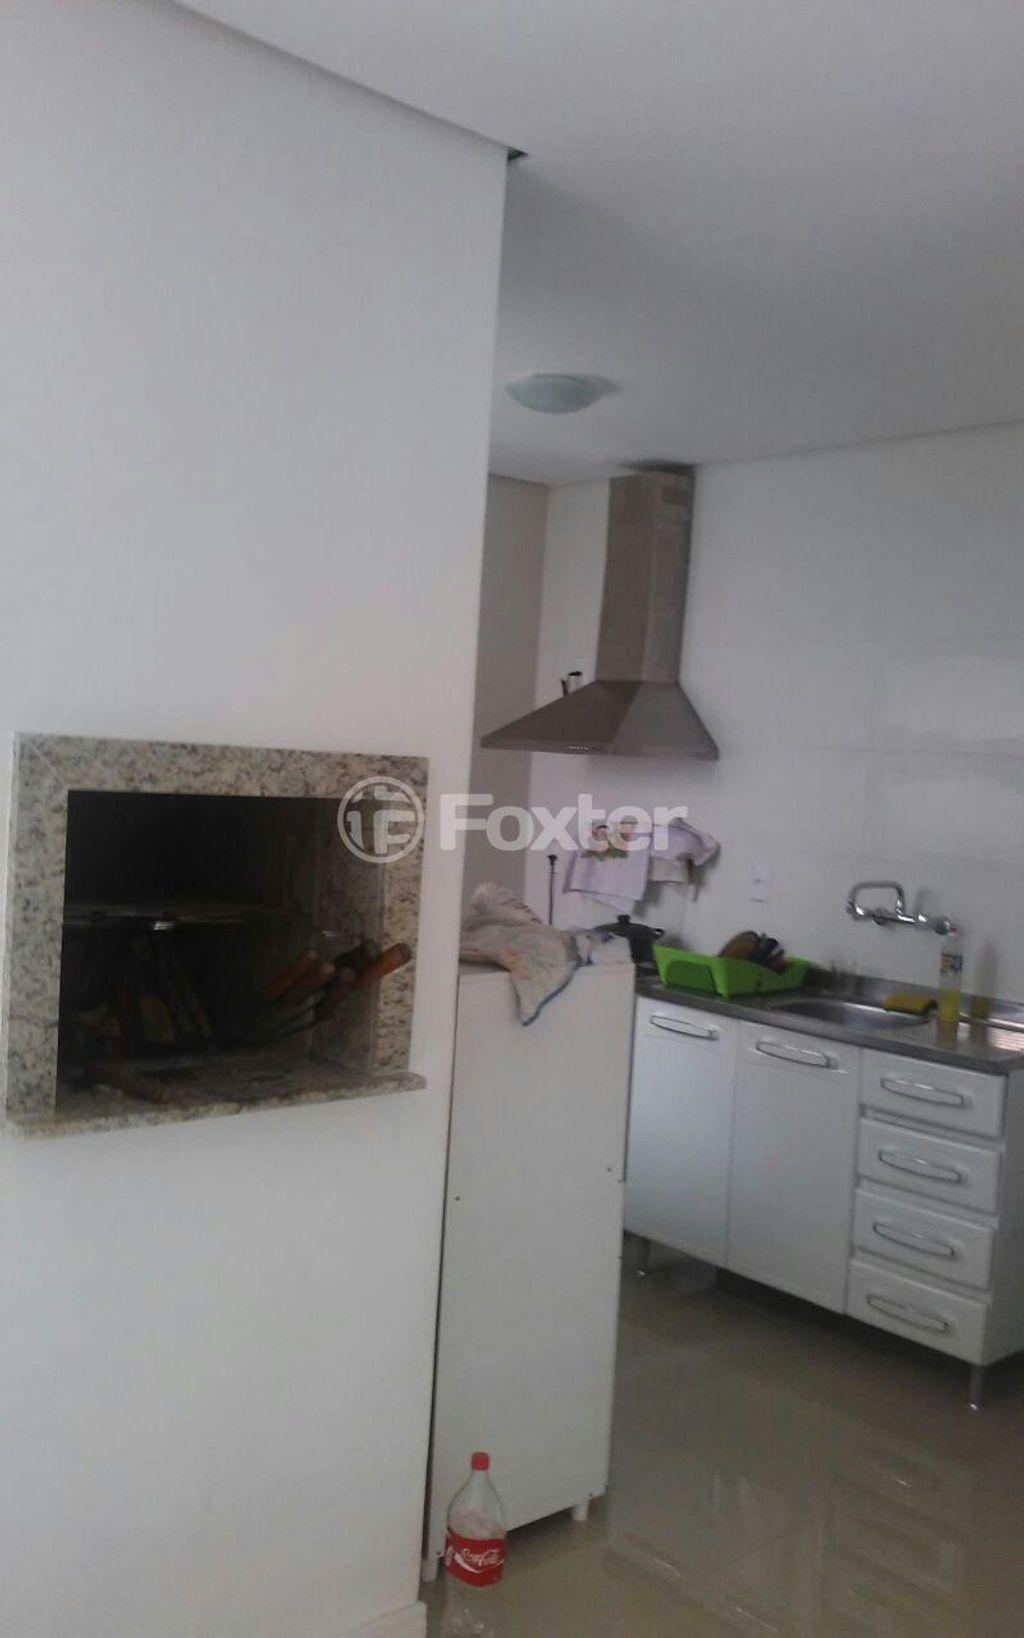 Foxter Imobiliária - Casa 3 Dorm, Jardim Floresta - Foto 7